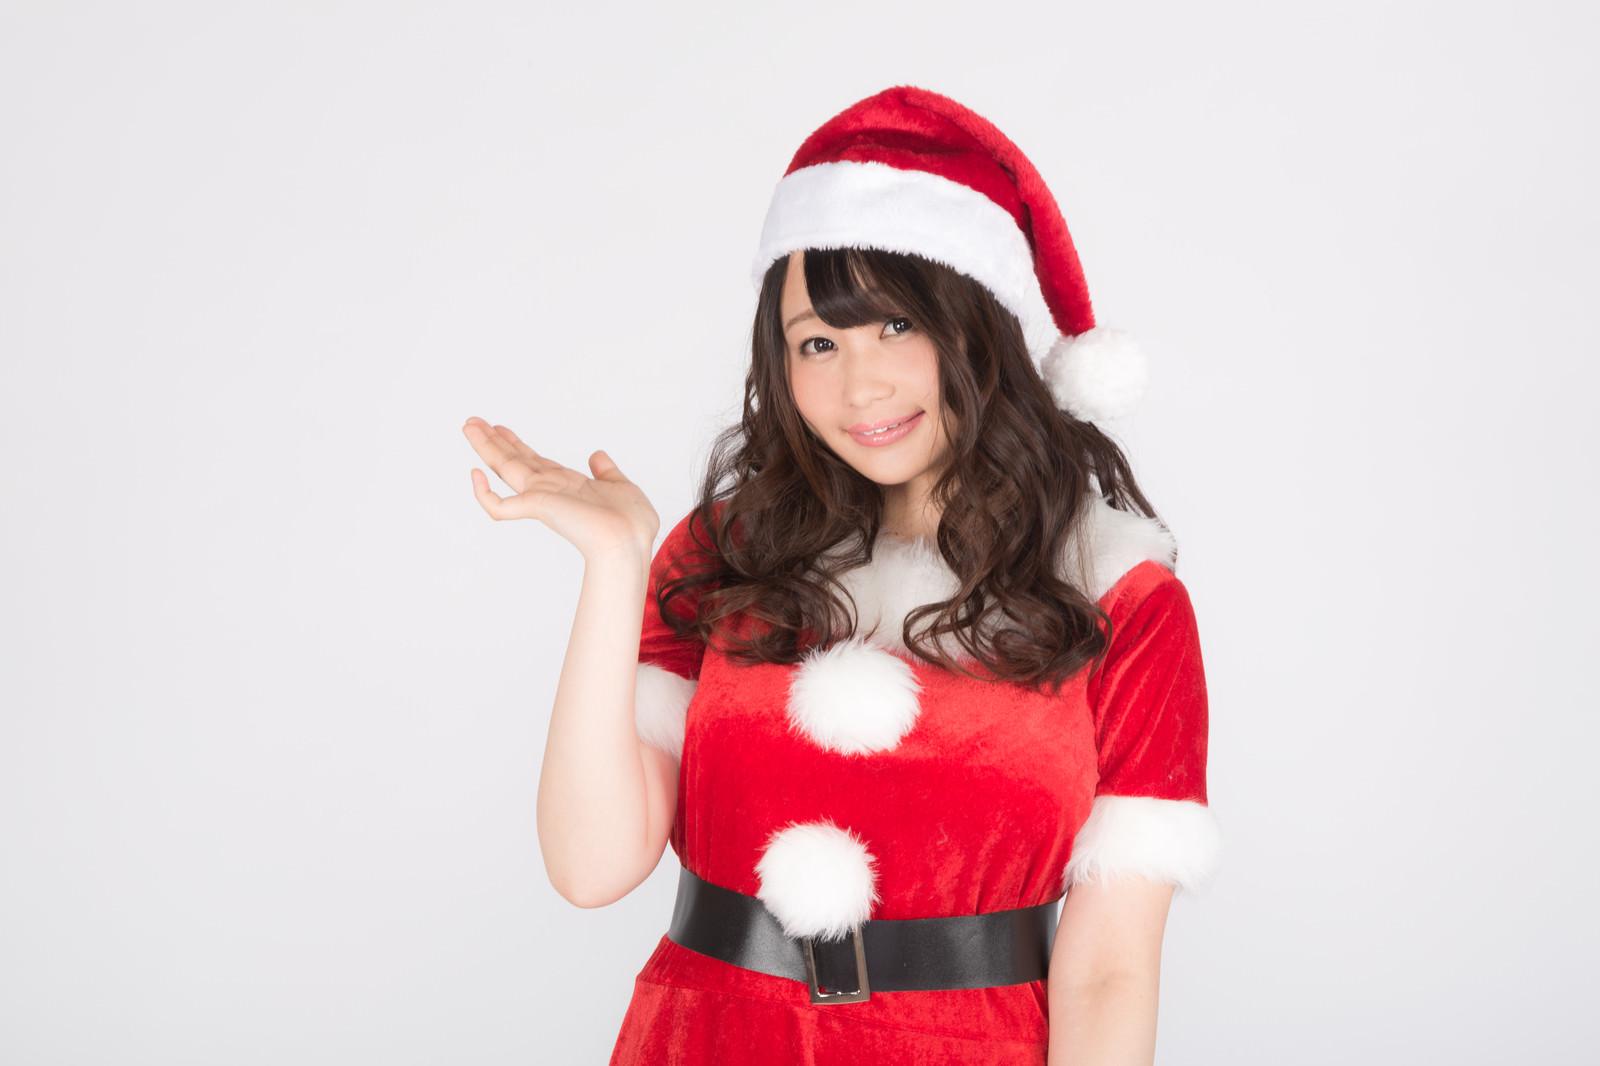 「サンタの格好をしたグラドル」の写真[モデル:茜さや]